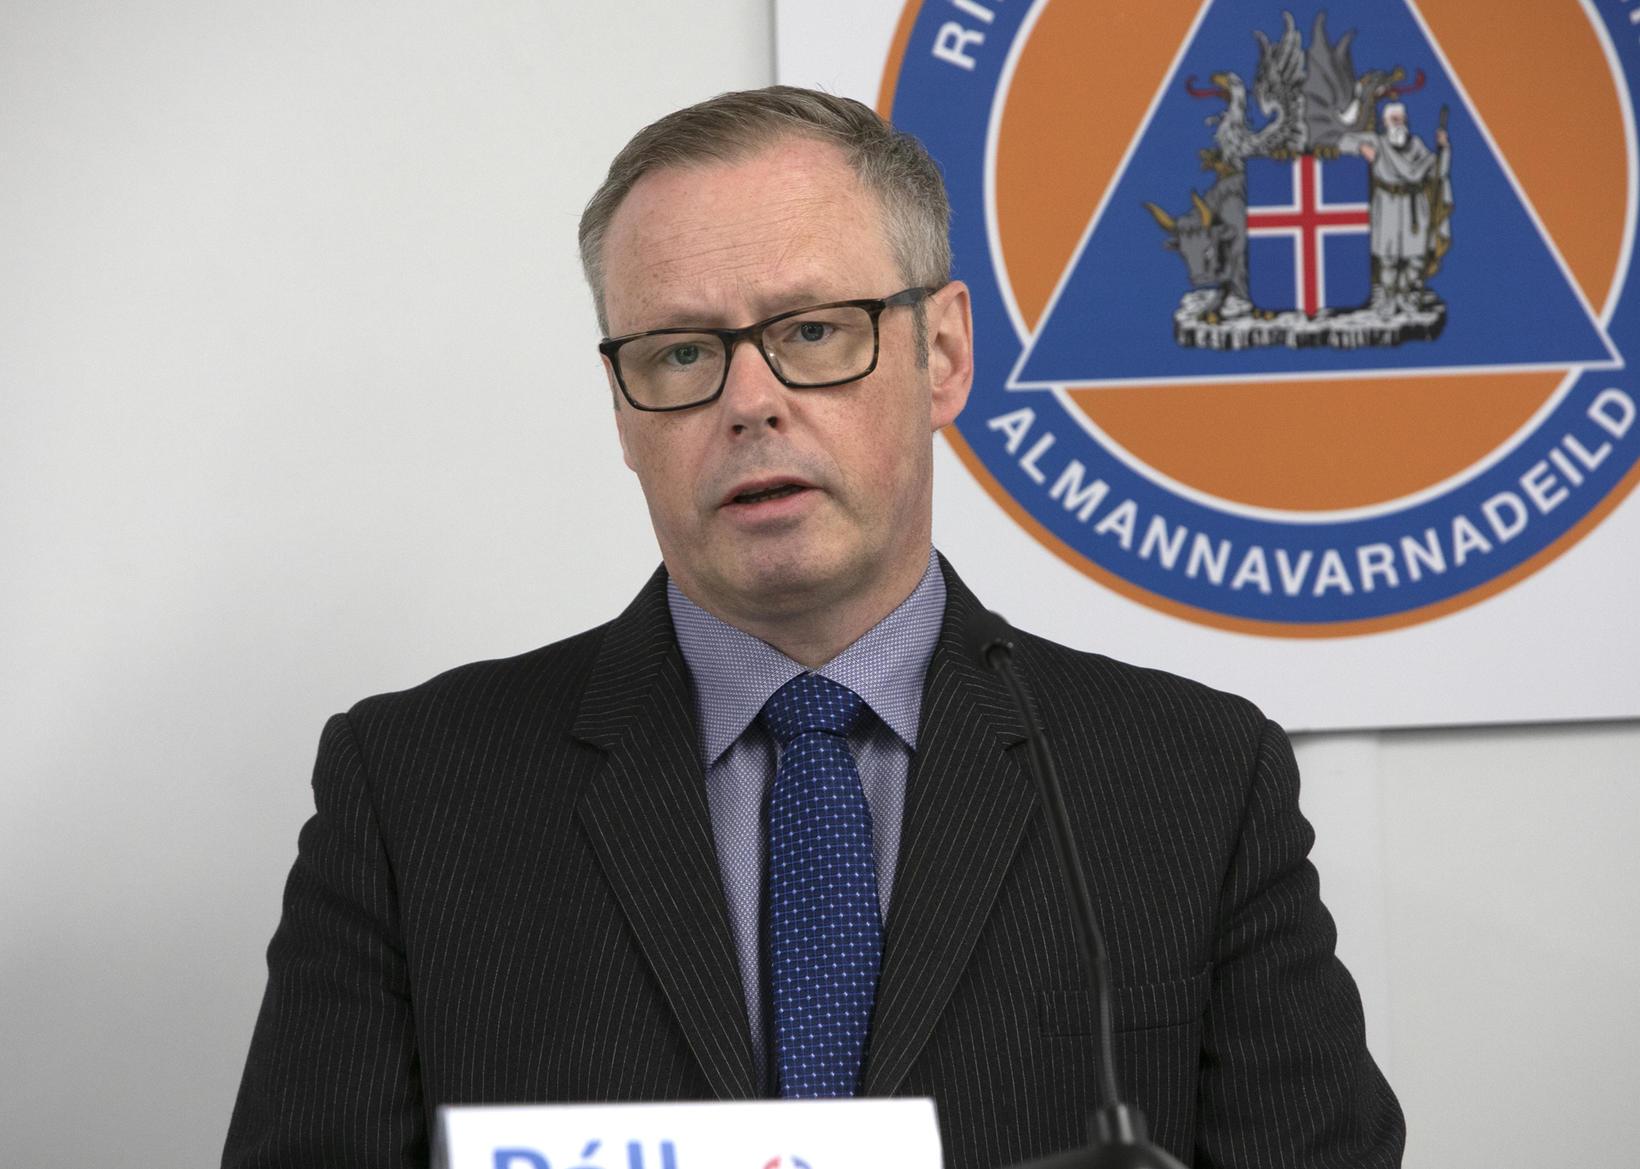 Páll Matthíasson, CEO of Landspítali.